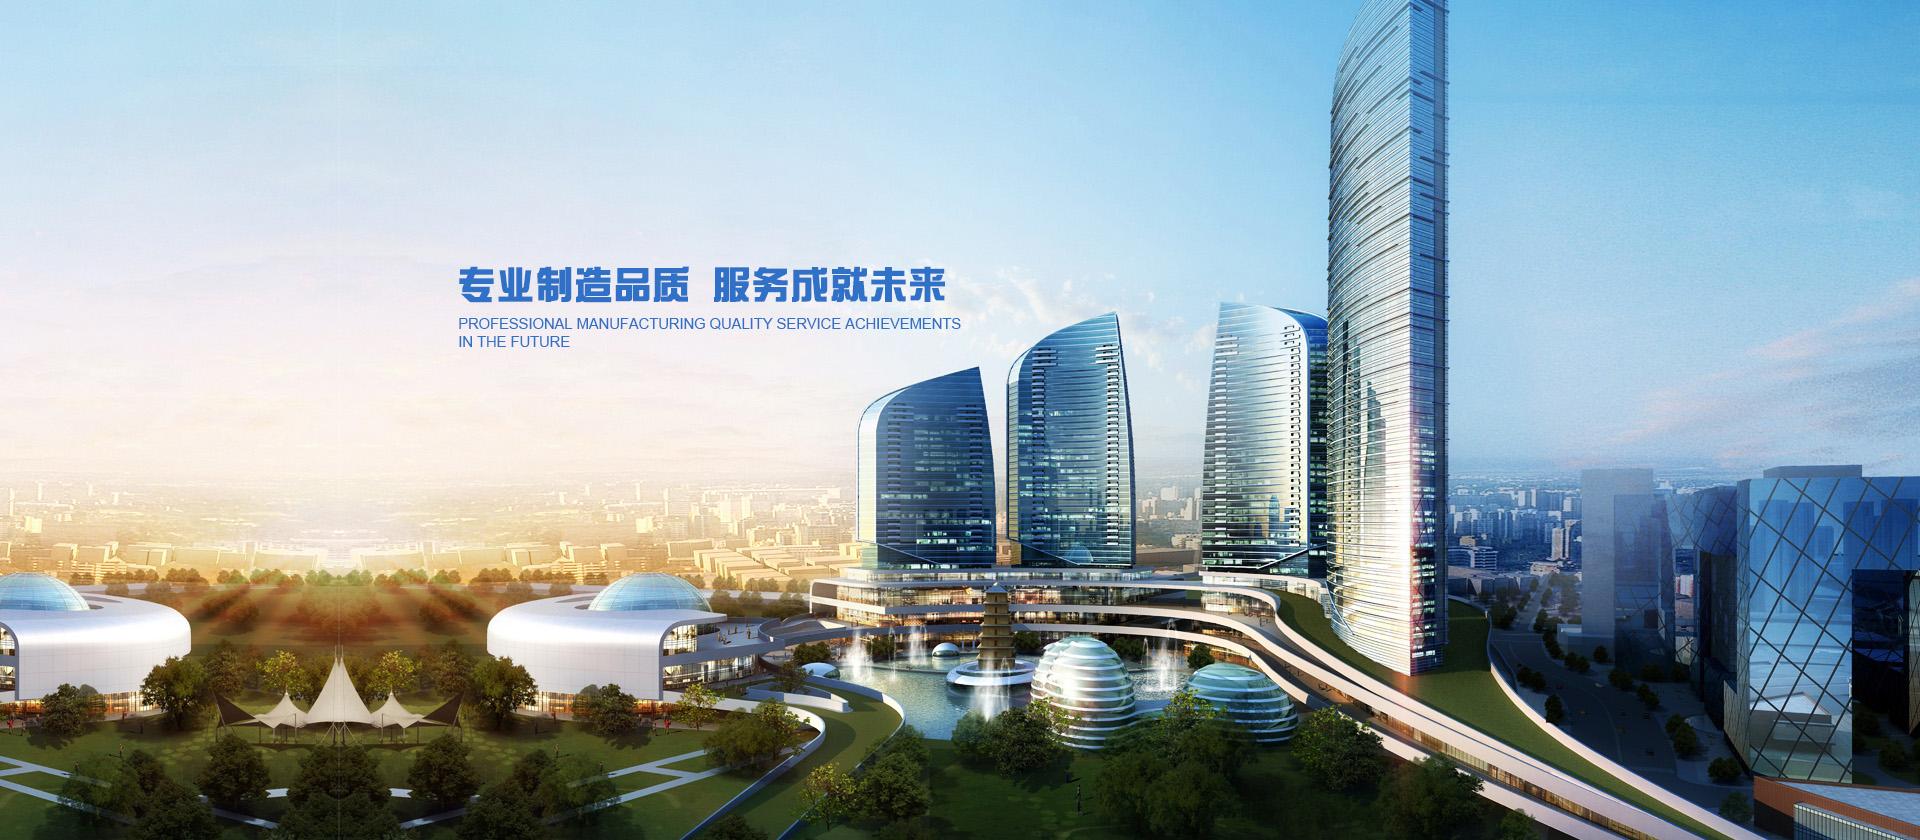 黑龙江必威体育官方登录必威登录入口一体化工程